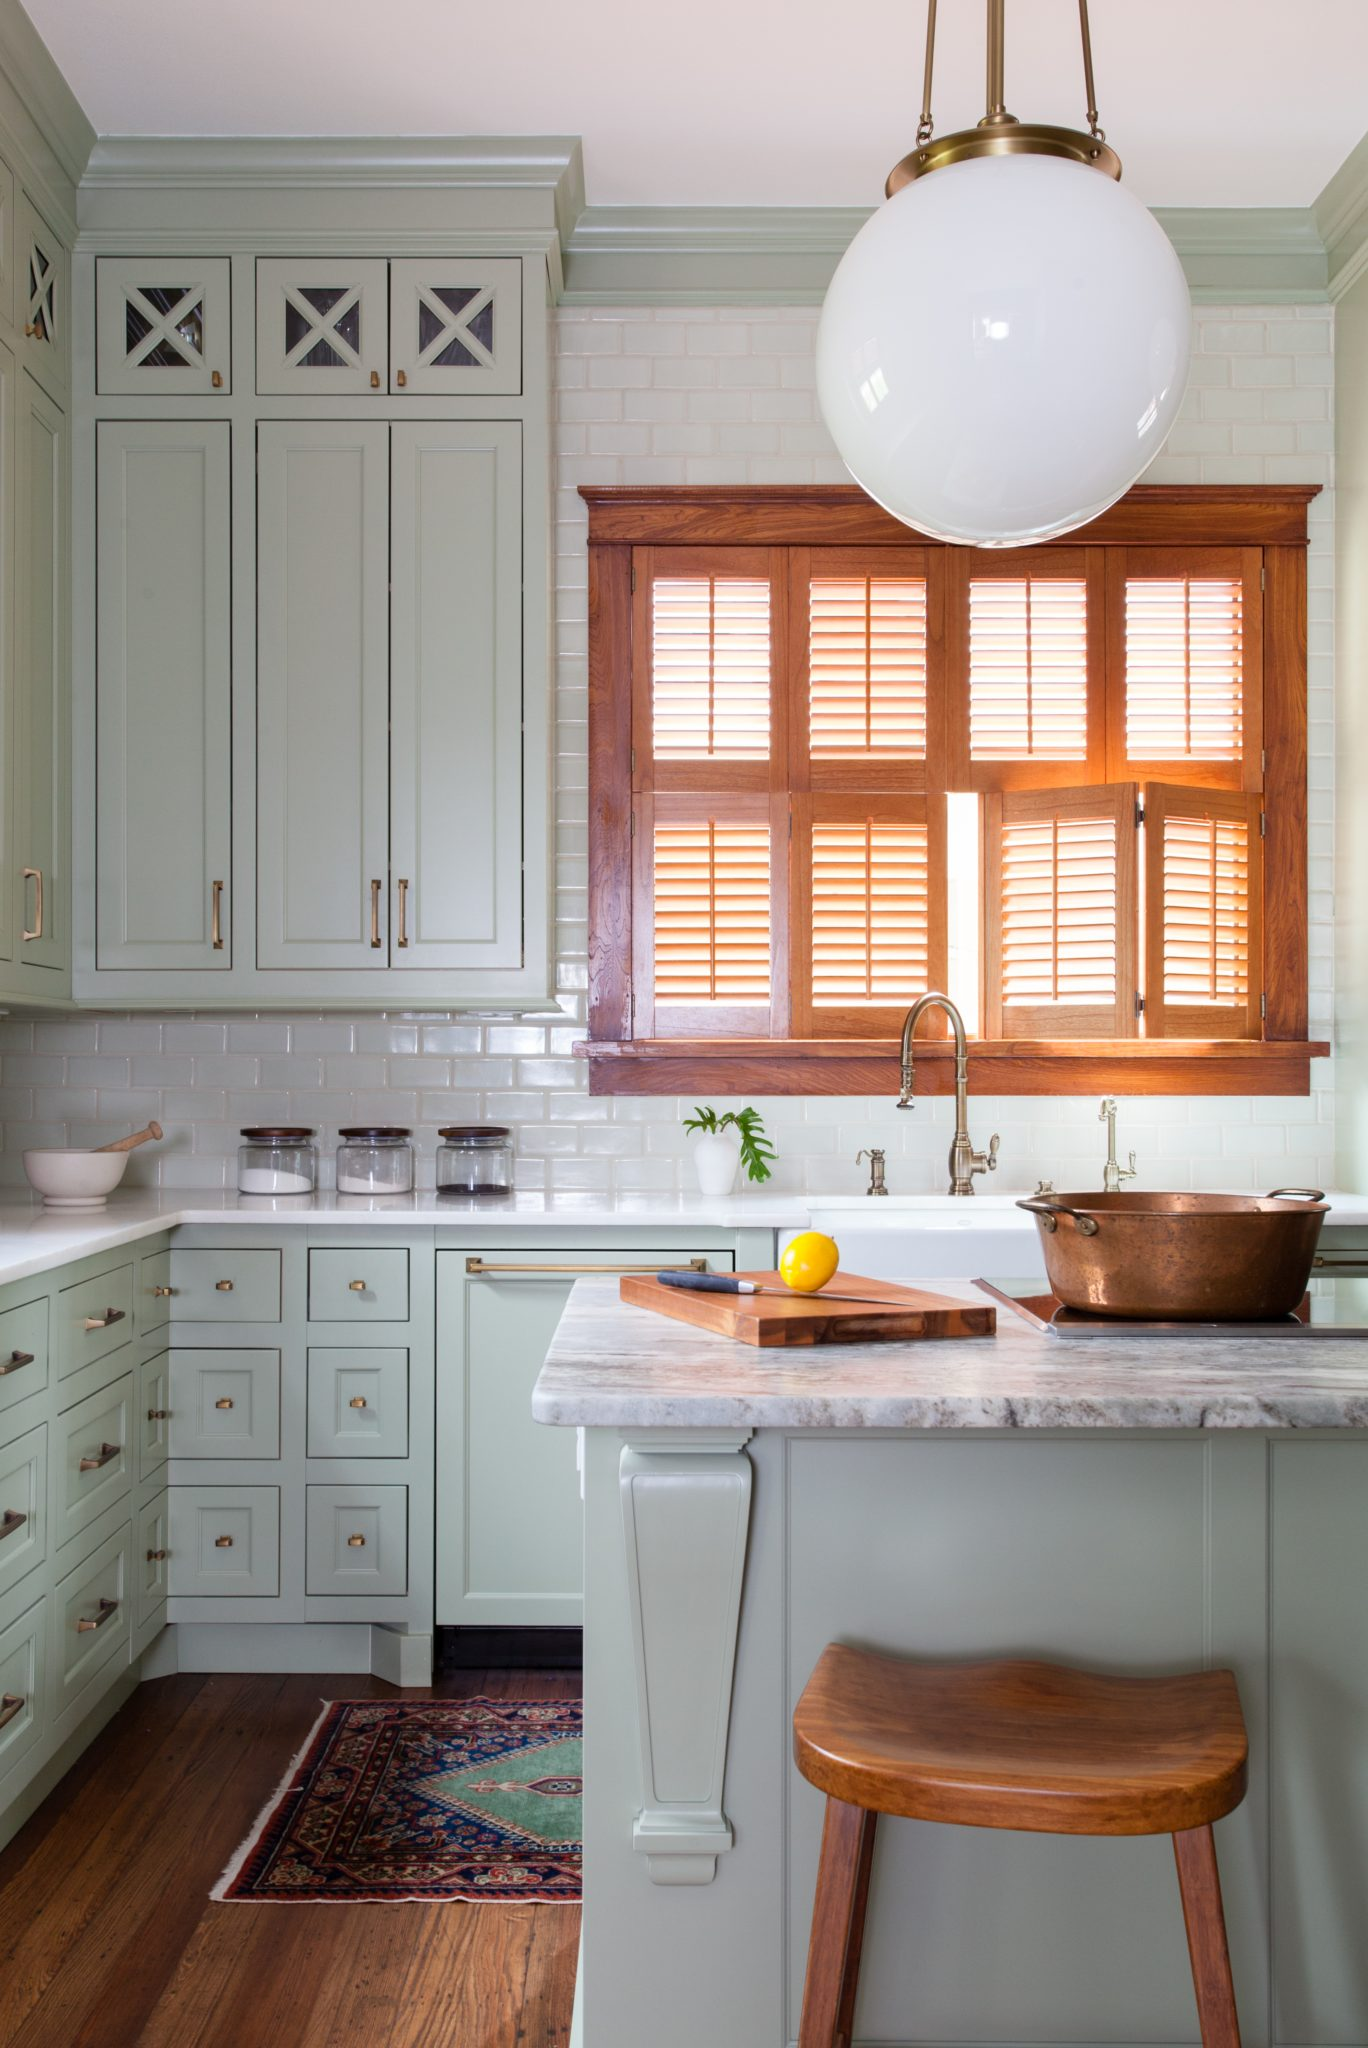 Mint green Queen Anne kitchen by Sarah Stacey Interior Design